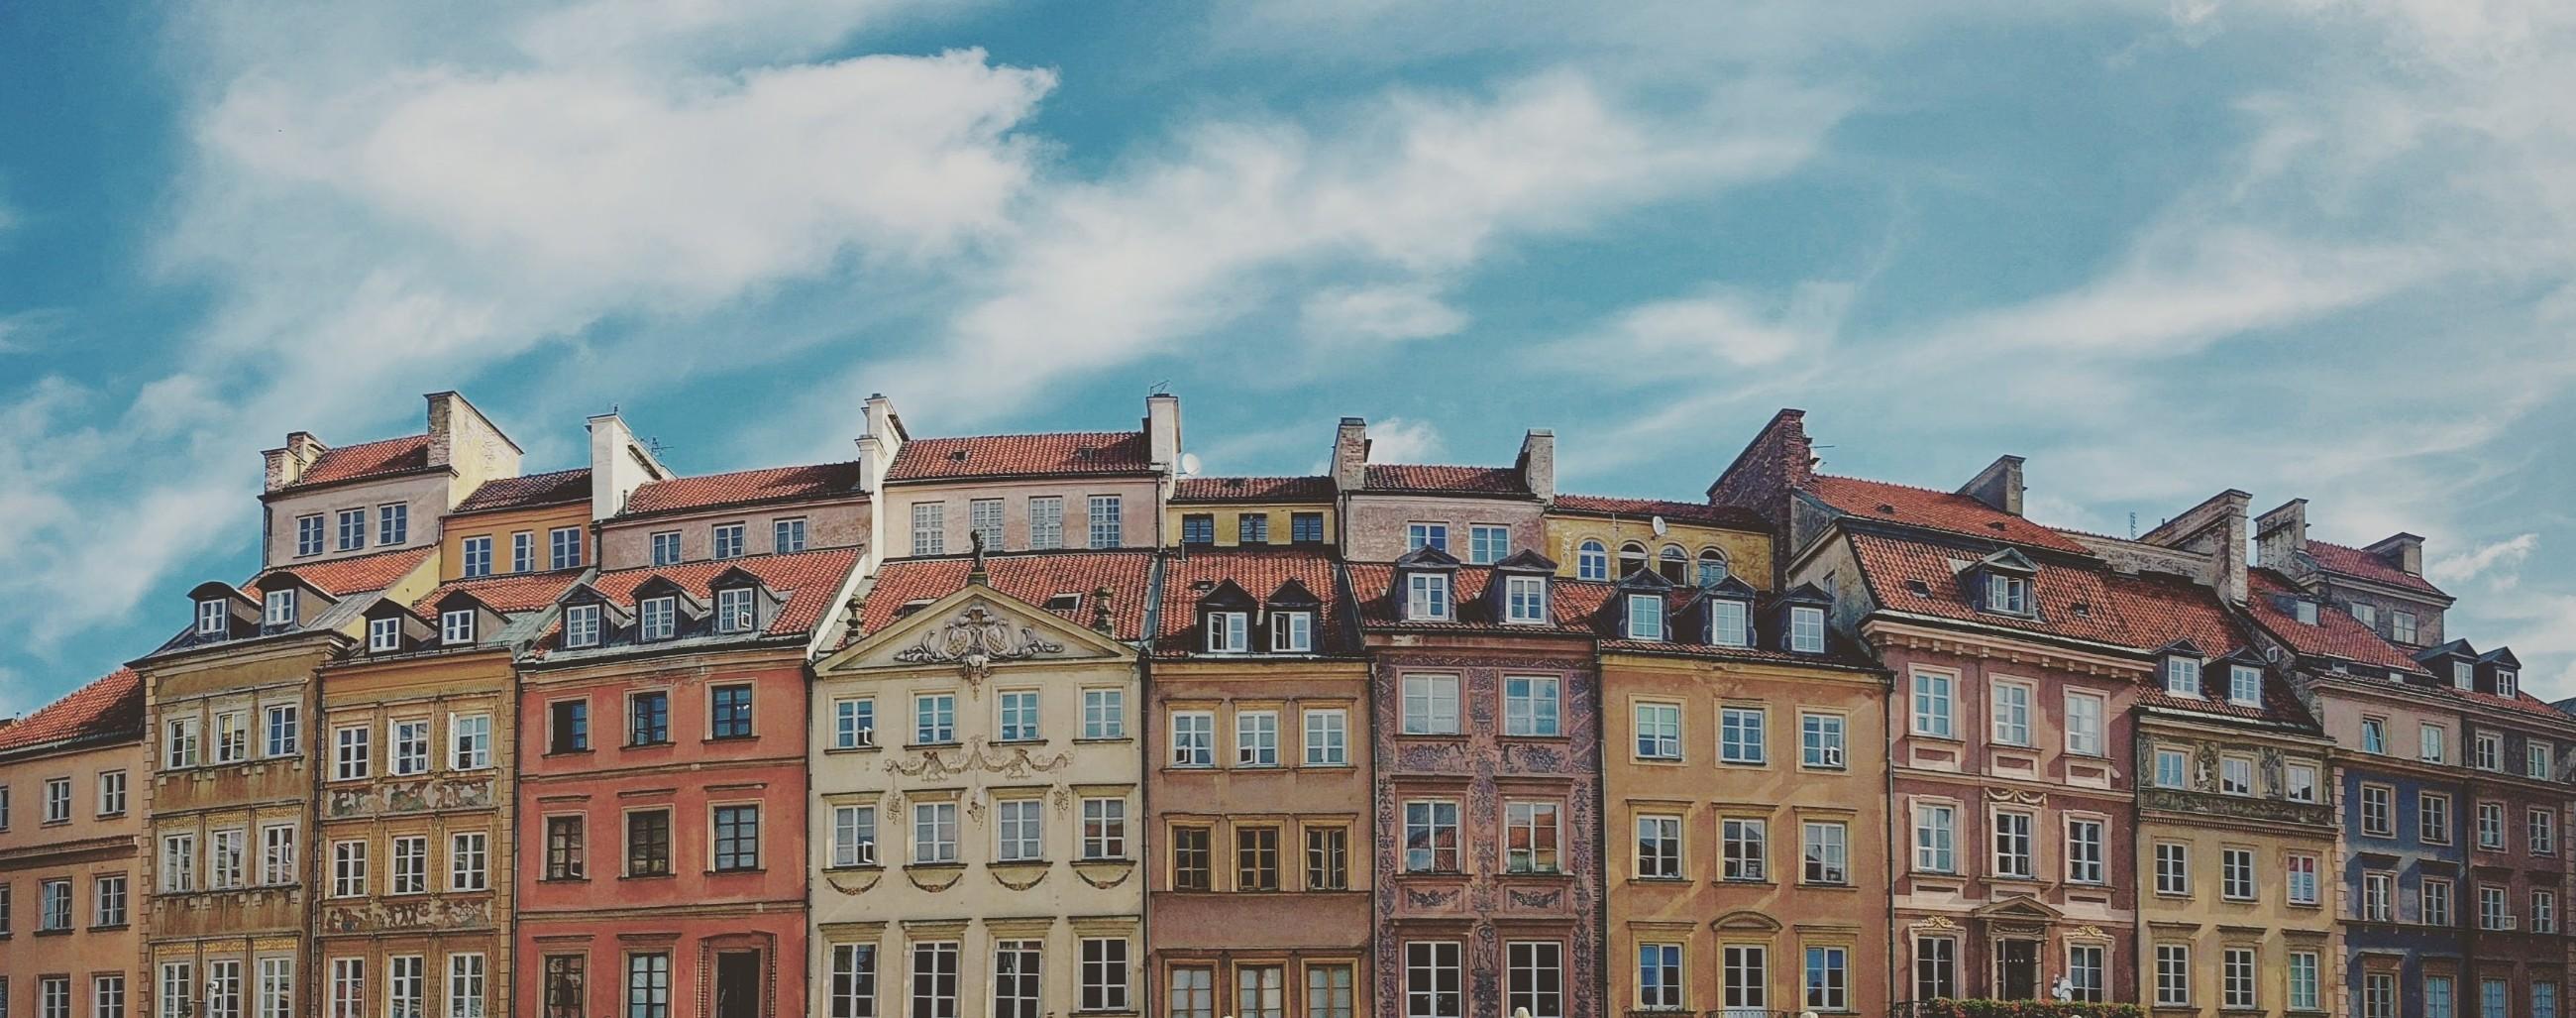 4 Fantastische Hotels In Polen